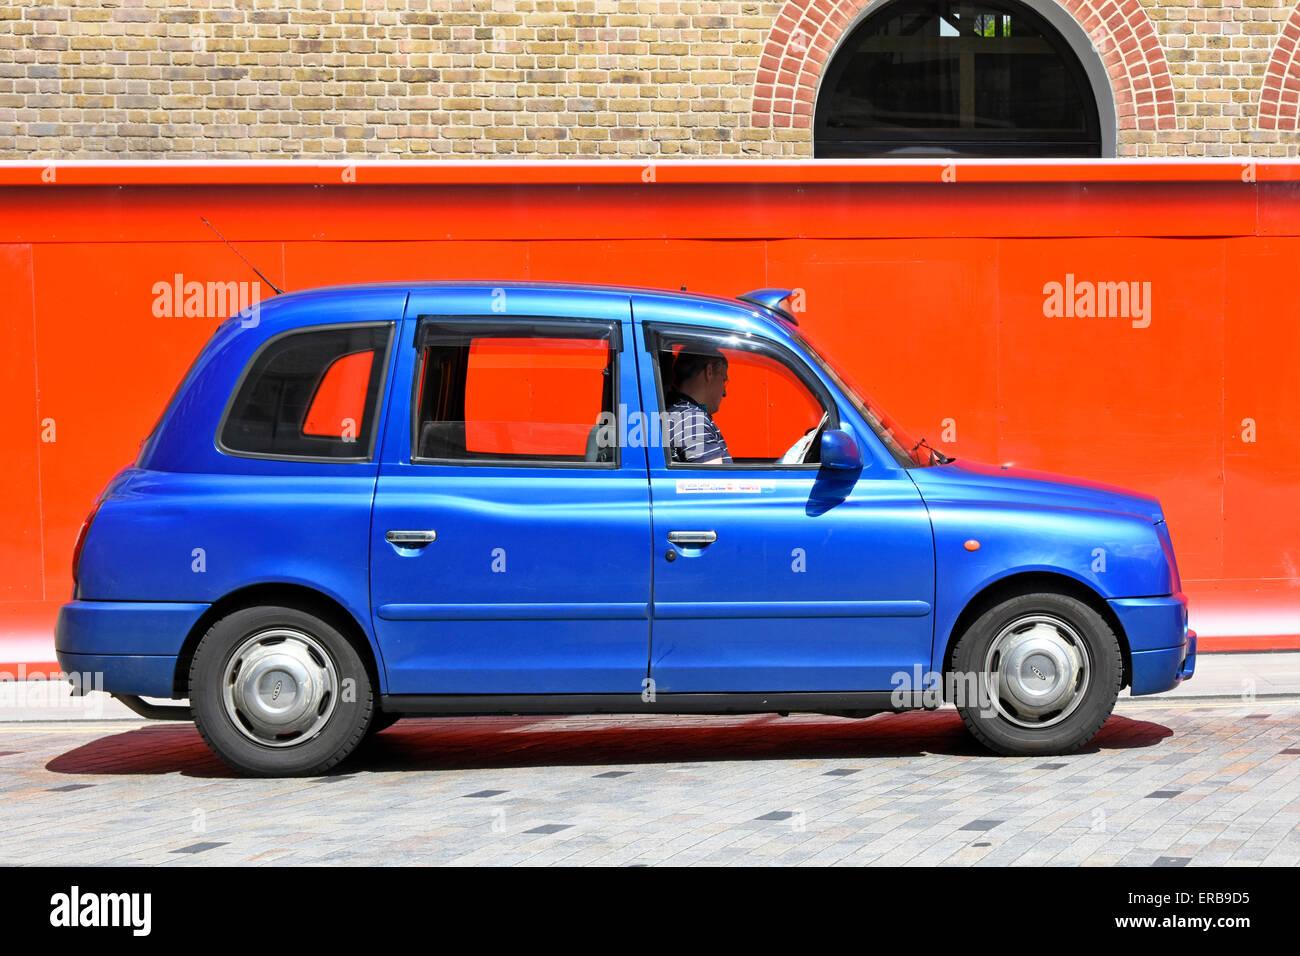 Londres taxi driver lee su papel, mientras que la cola para los clientes en la estación Kings Cross Camden Imagen De Stock